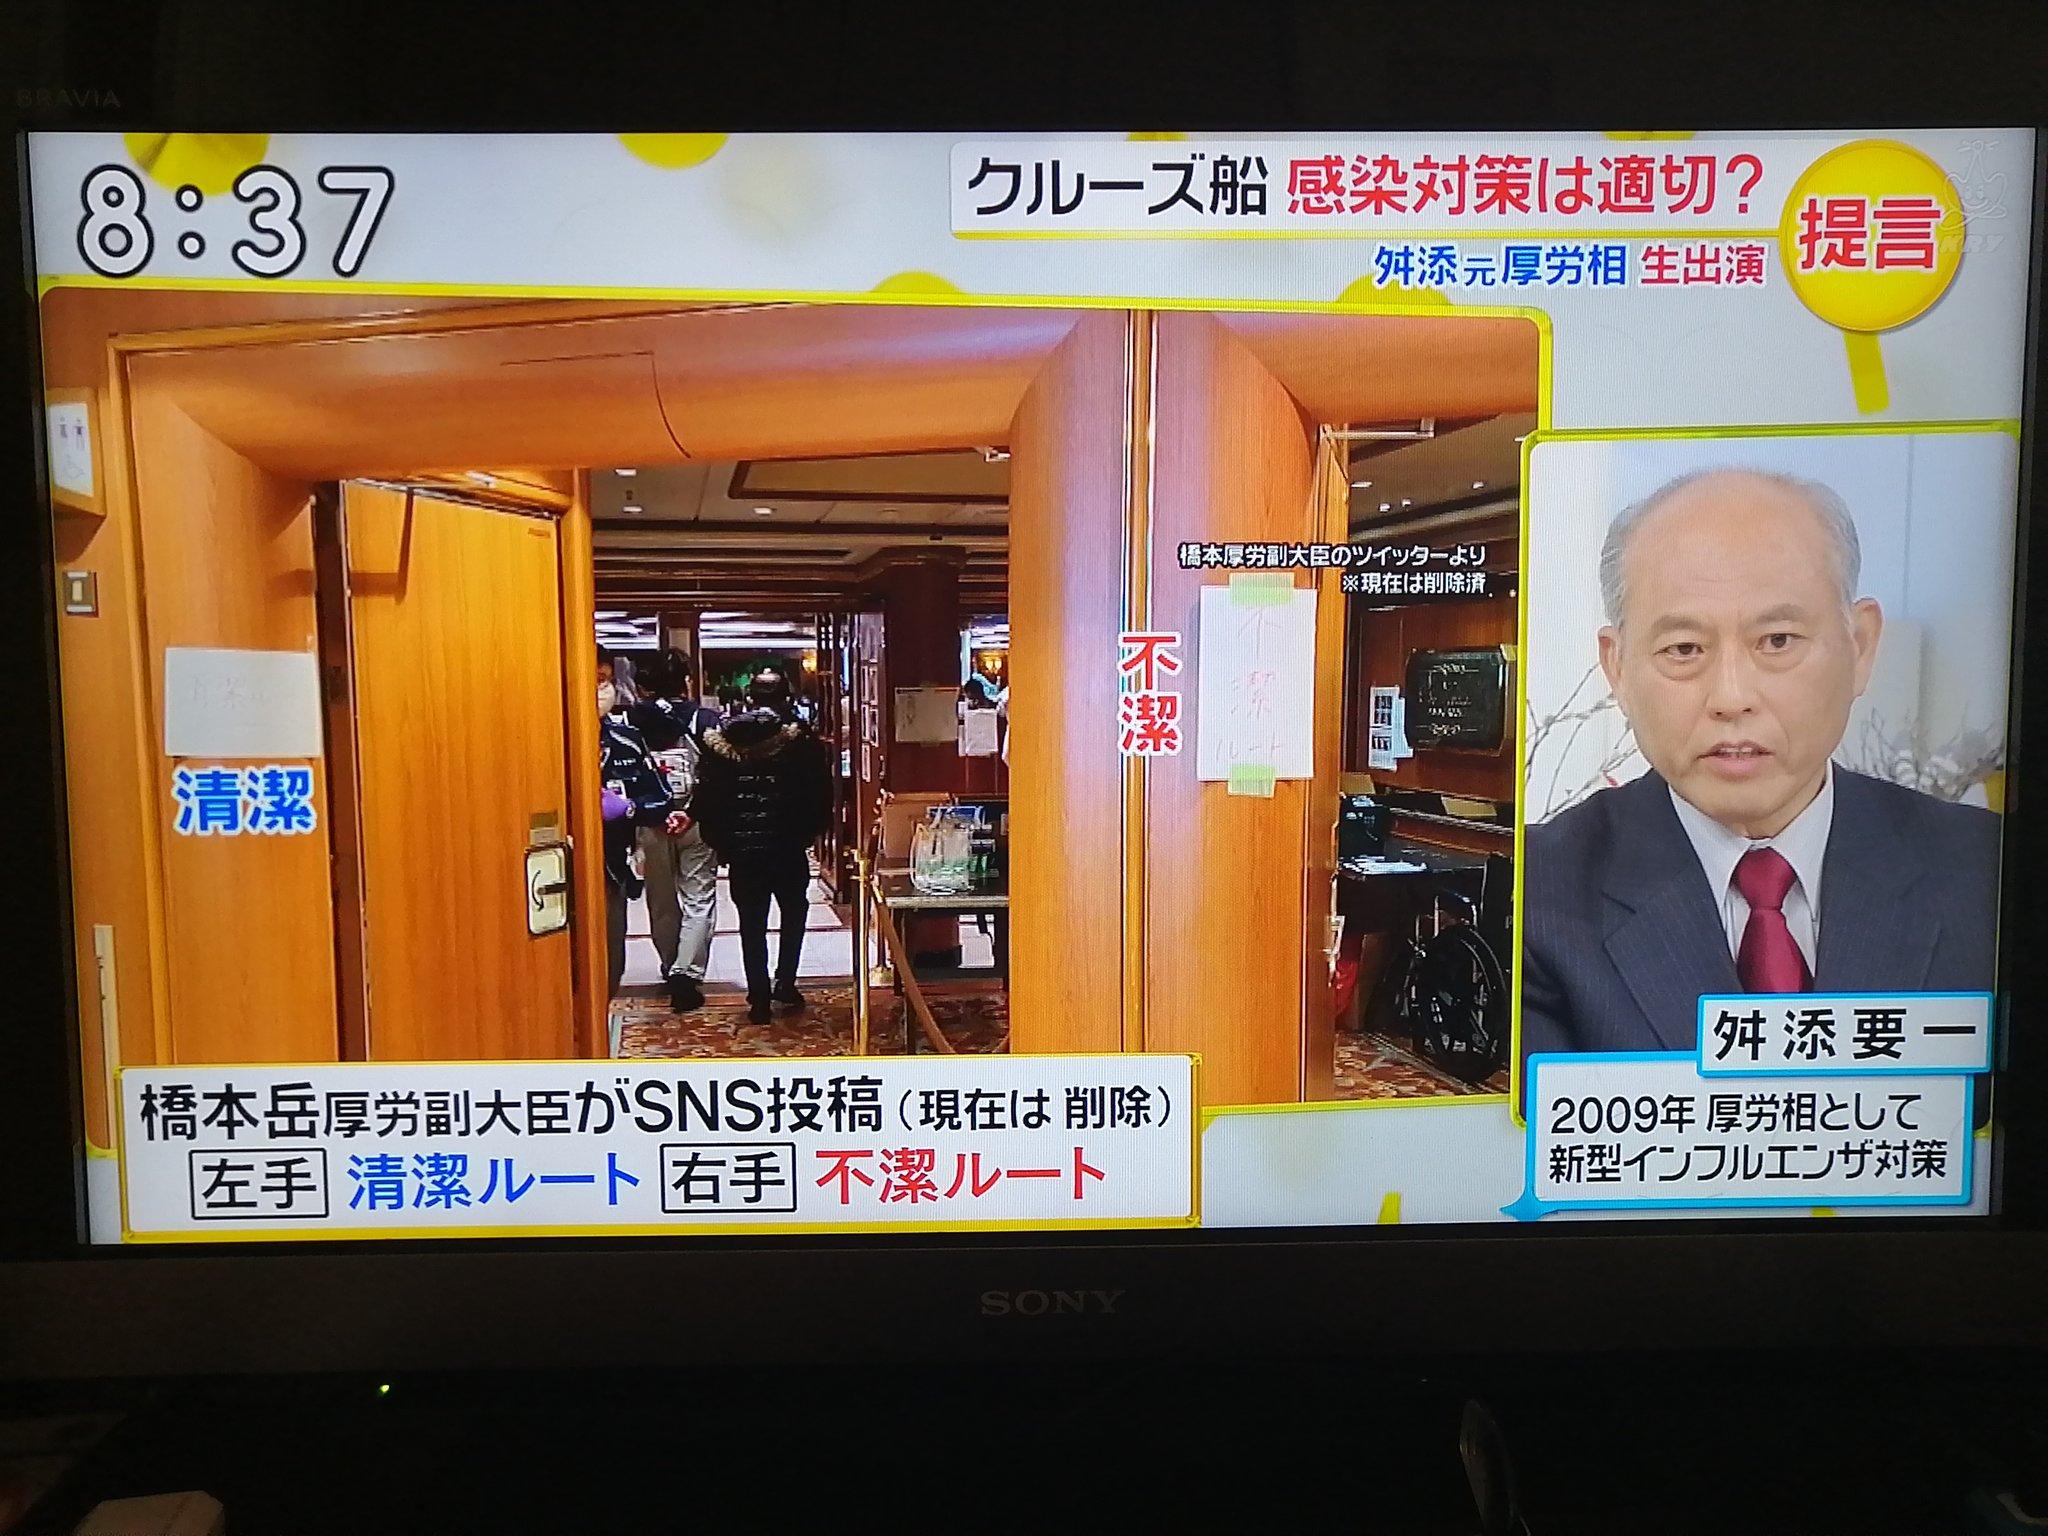 画像,知事の時は悪い事してたけど、今日の舛添さんは良い事言ってる気がするし、岩田教授は間違ってない気がする。橋本副大臣はダメだね。与党も野党もダメ人間が多過ぎる。 h…